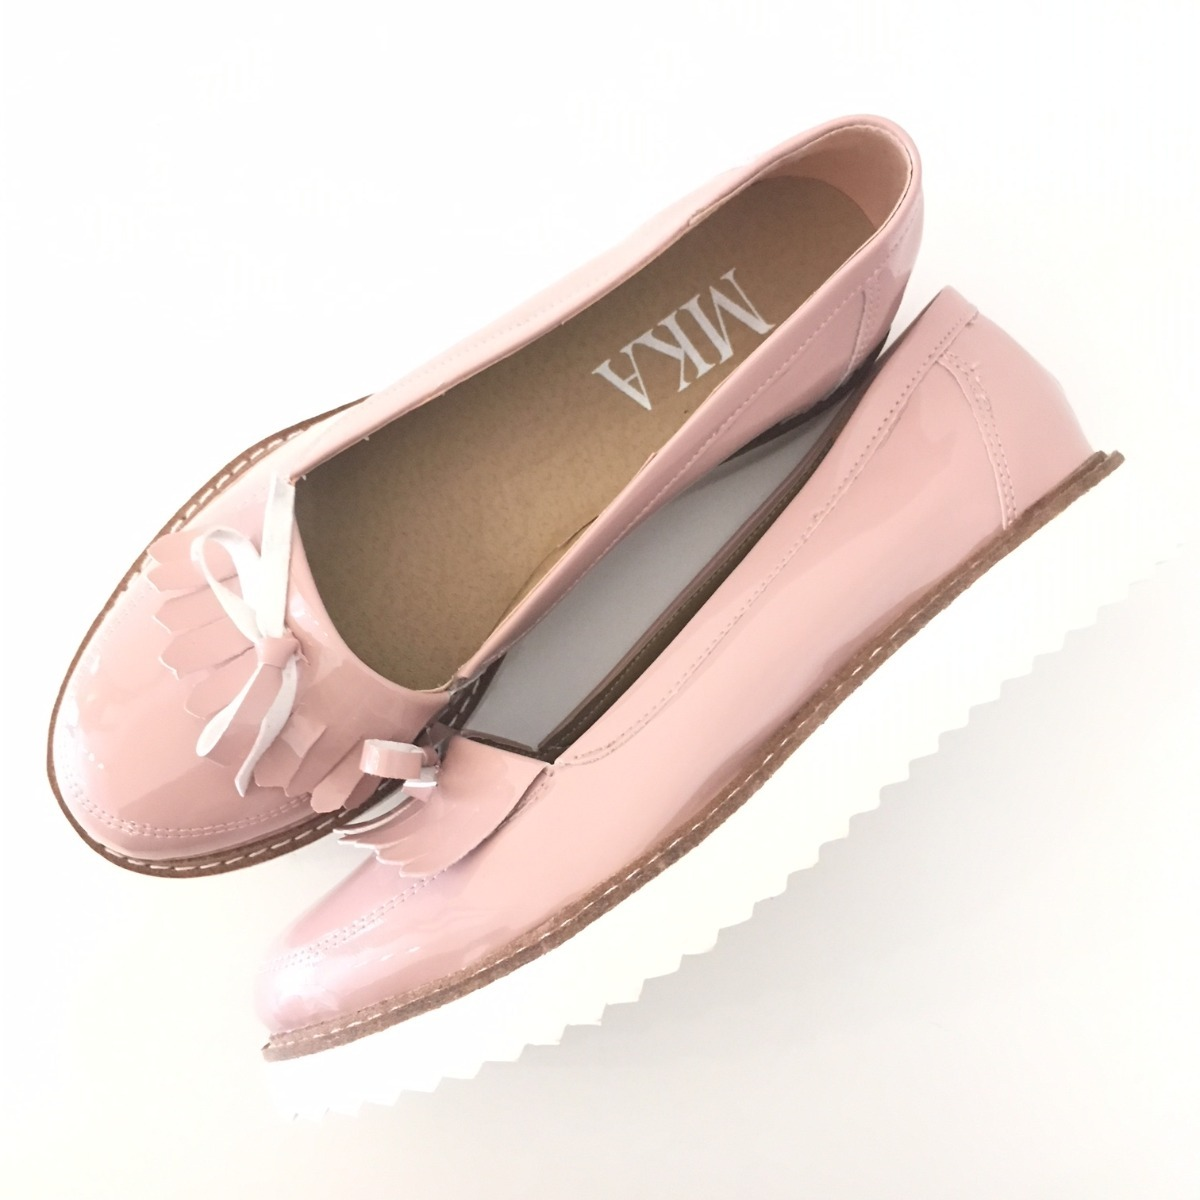 570749f183d zapatos mocasines chatitas mujer charol verano 2019 monakia. Cargando zoom.